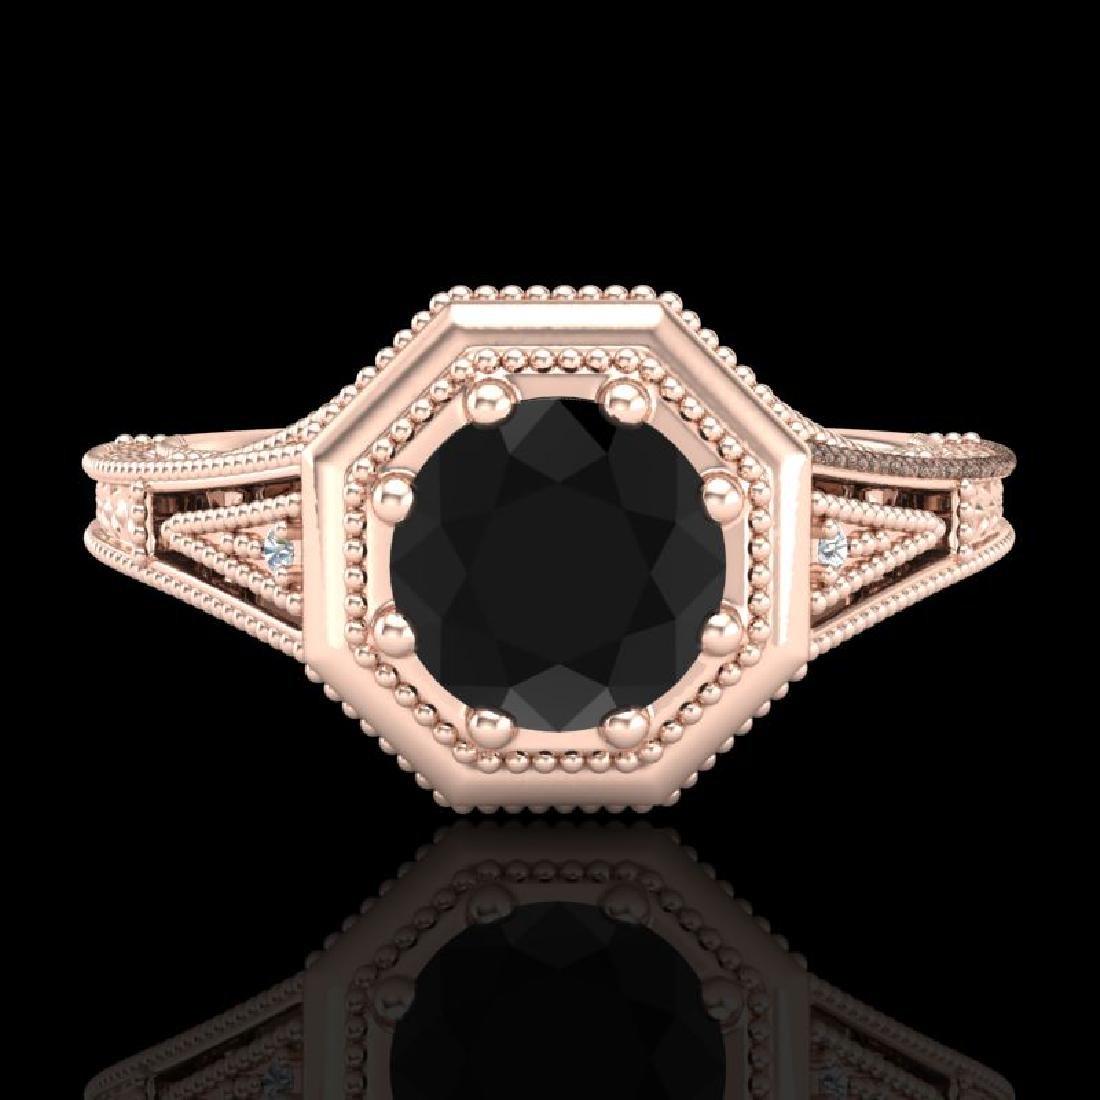 0.84 CTW Fancy Black Diamond Solitaire Engagement Art - 2